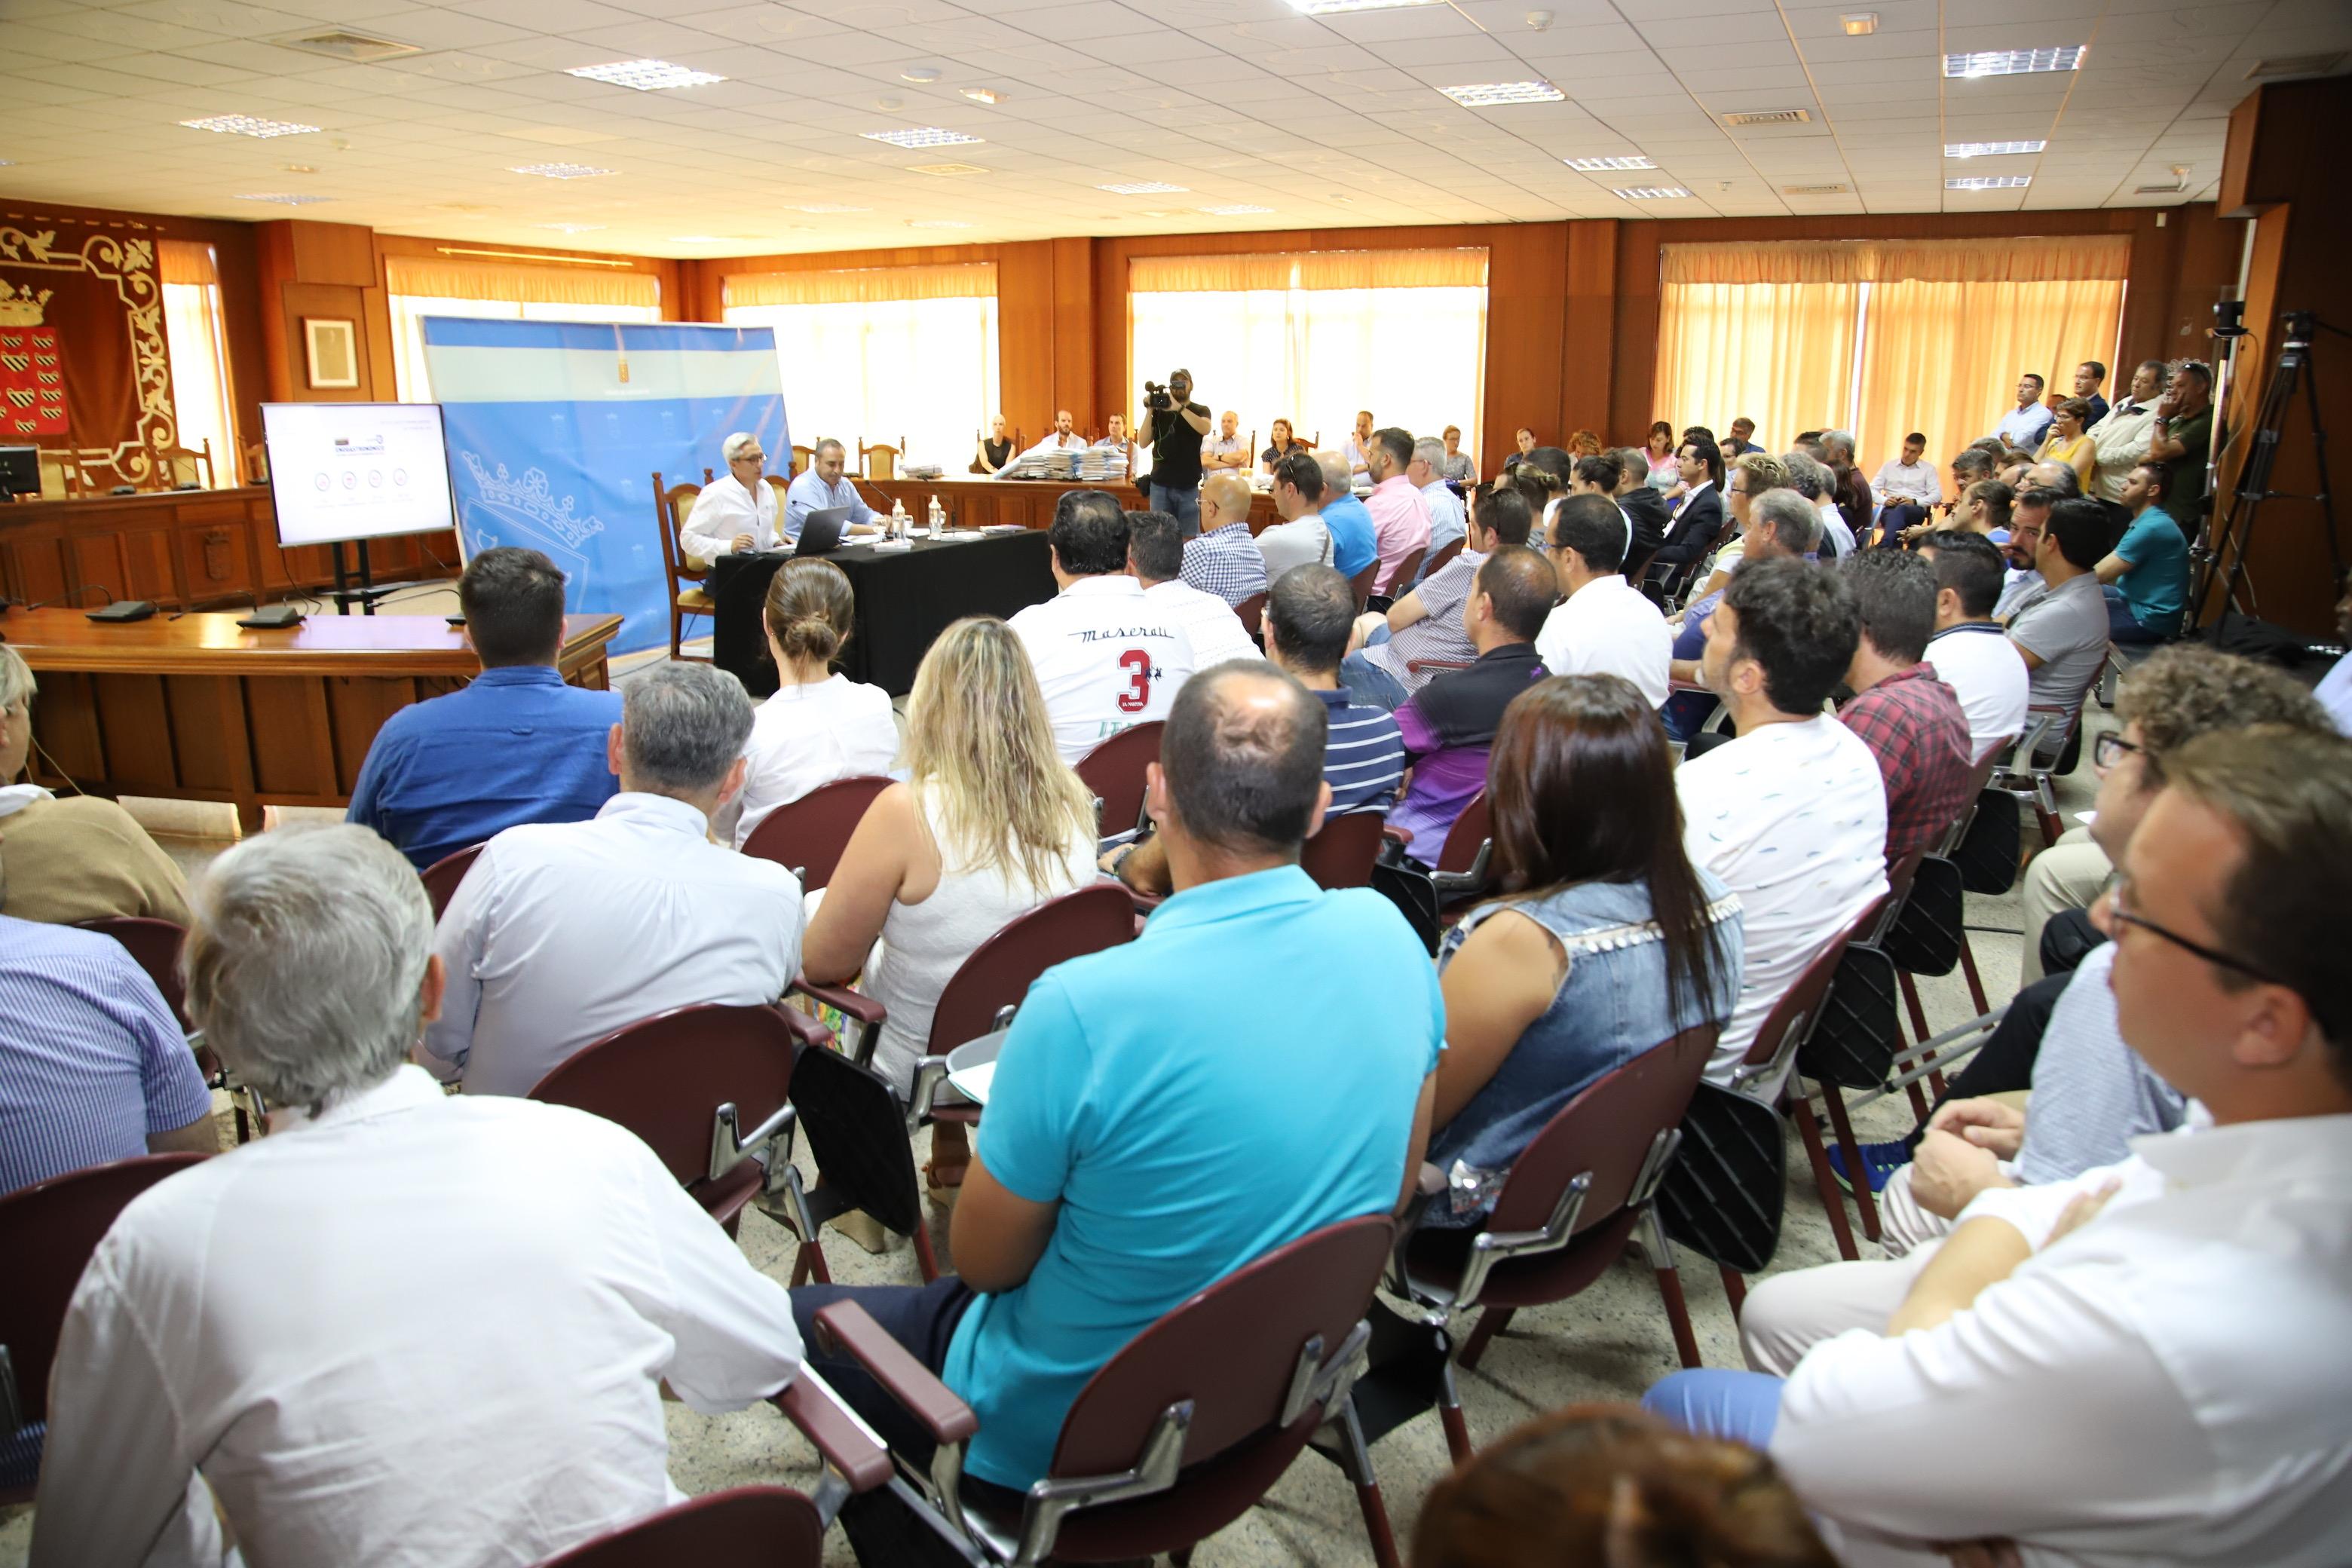 El Cabildo pone en marcha el Festival Enogastronómico Saborea Lanzarote 2019 con importantes novedades